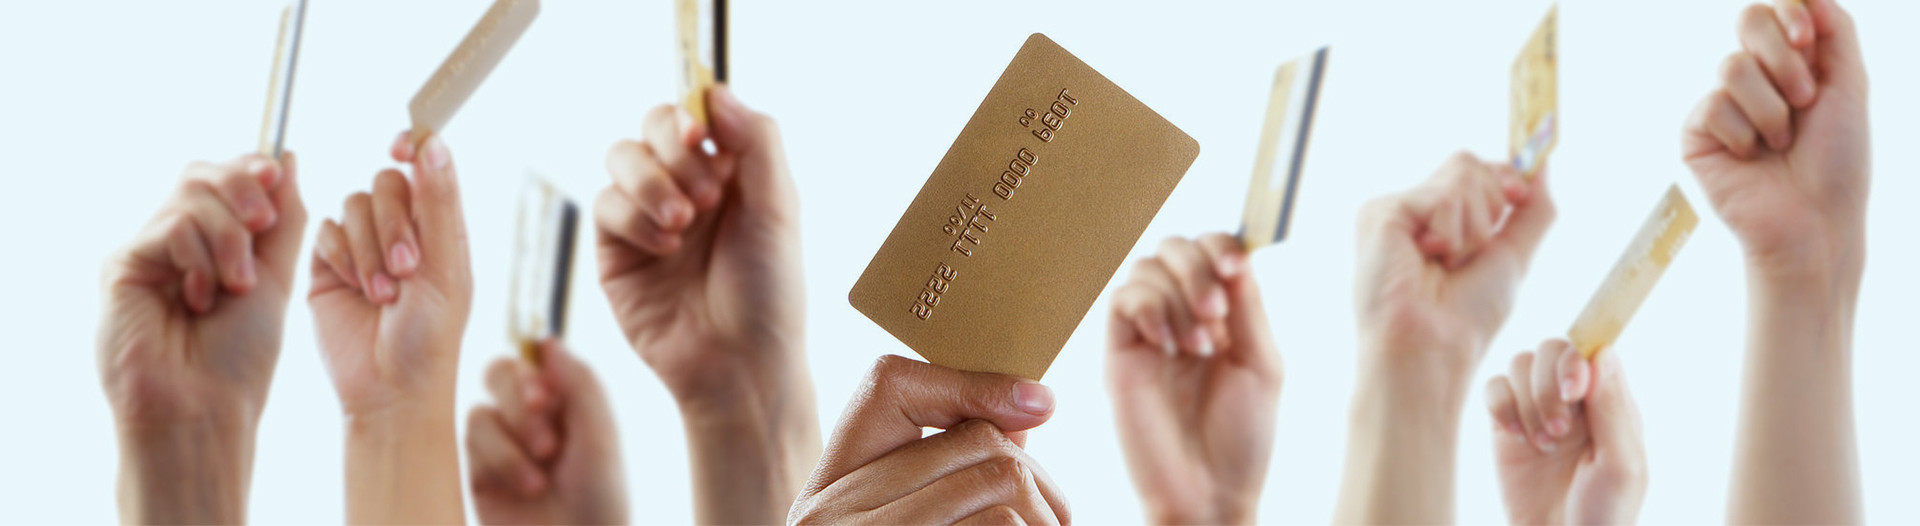 SOCIAL ID CARDS